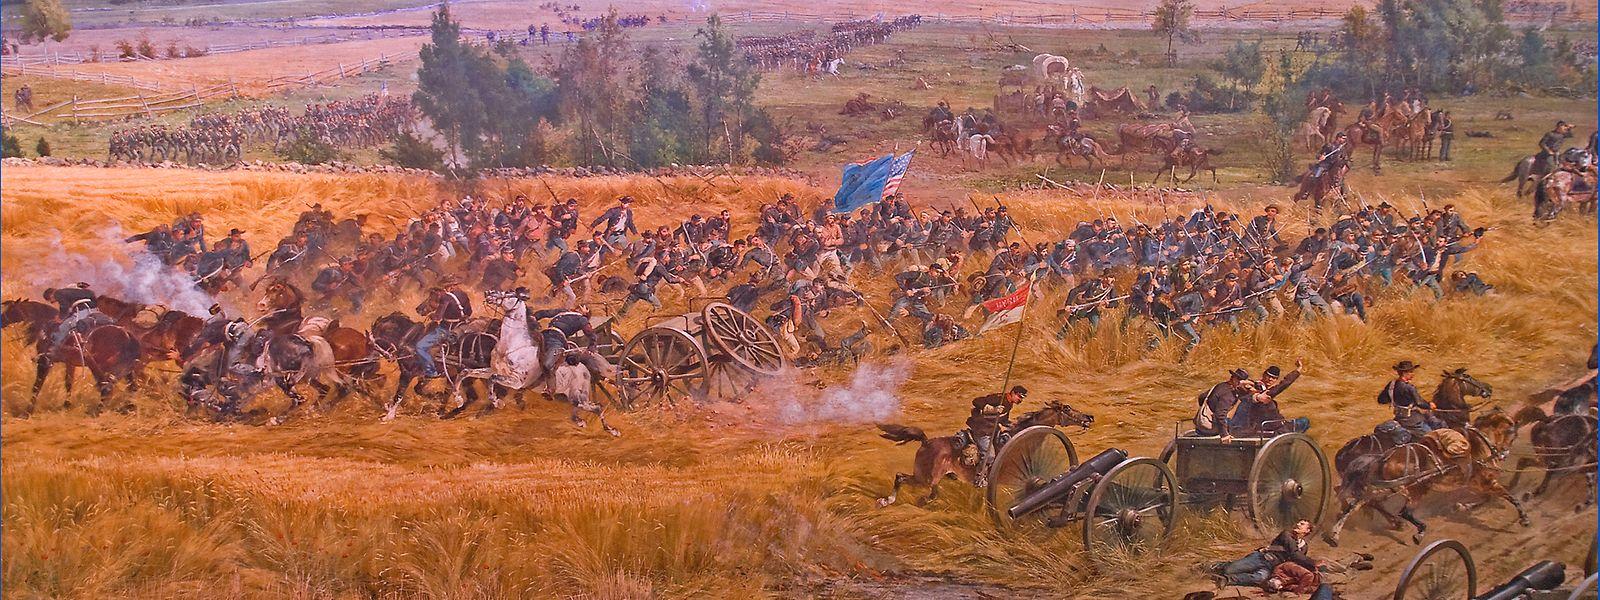 """Das Gemälde """"Pickett's Charge"""" des Franzosen  Paul Philippoteau zeigt die Schlacht bei Gettysburg am 3. Juli 1863."""